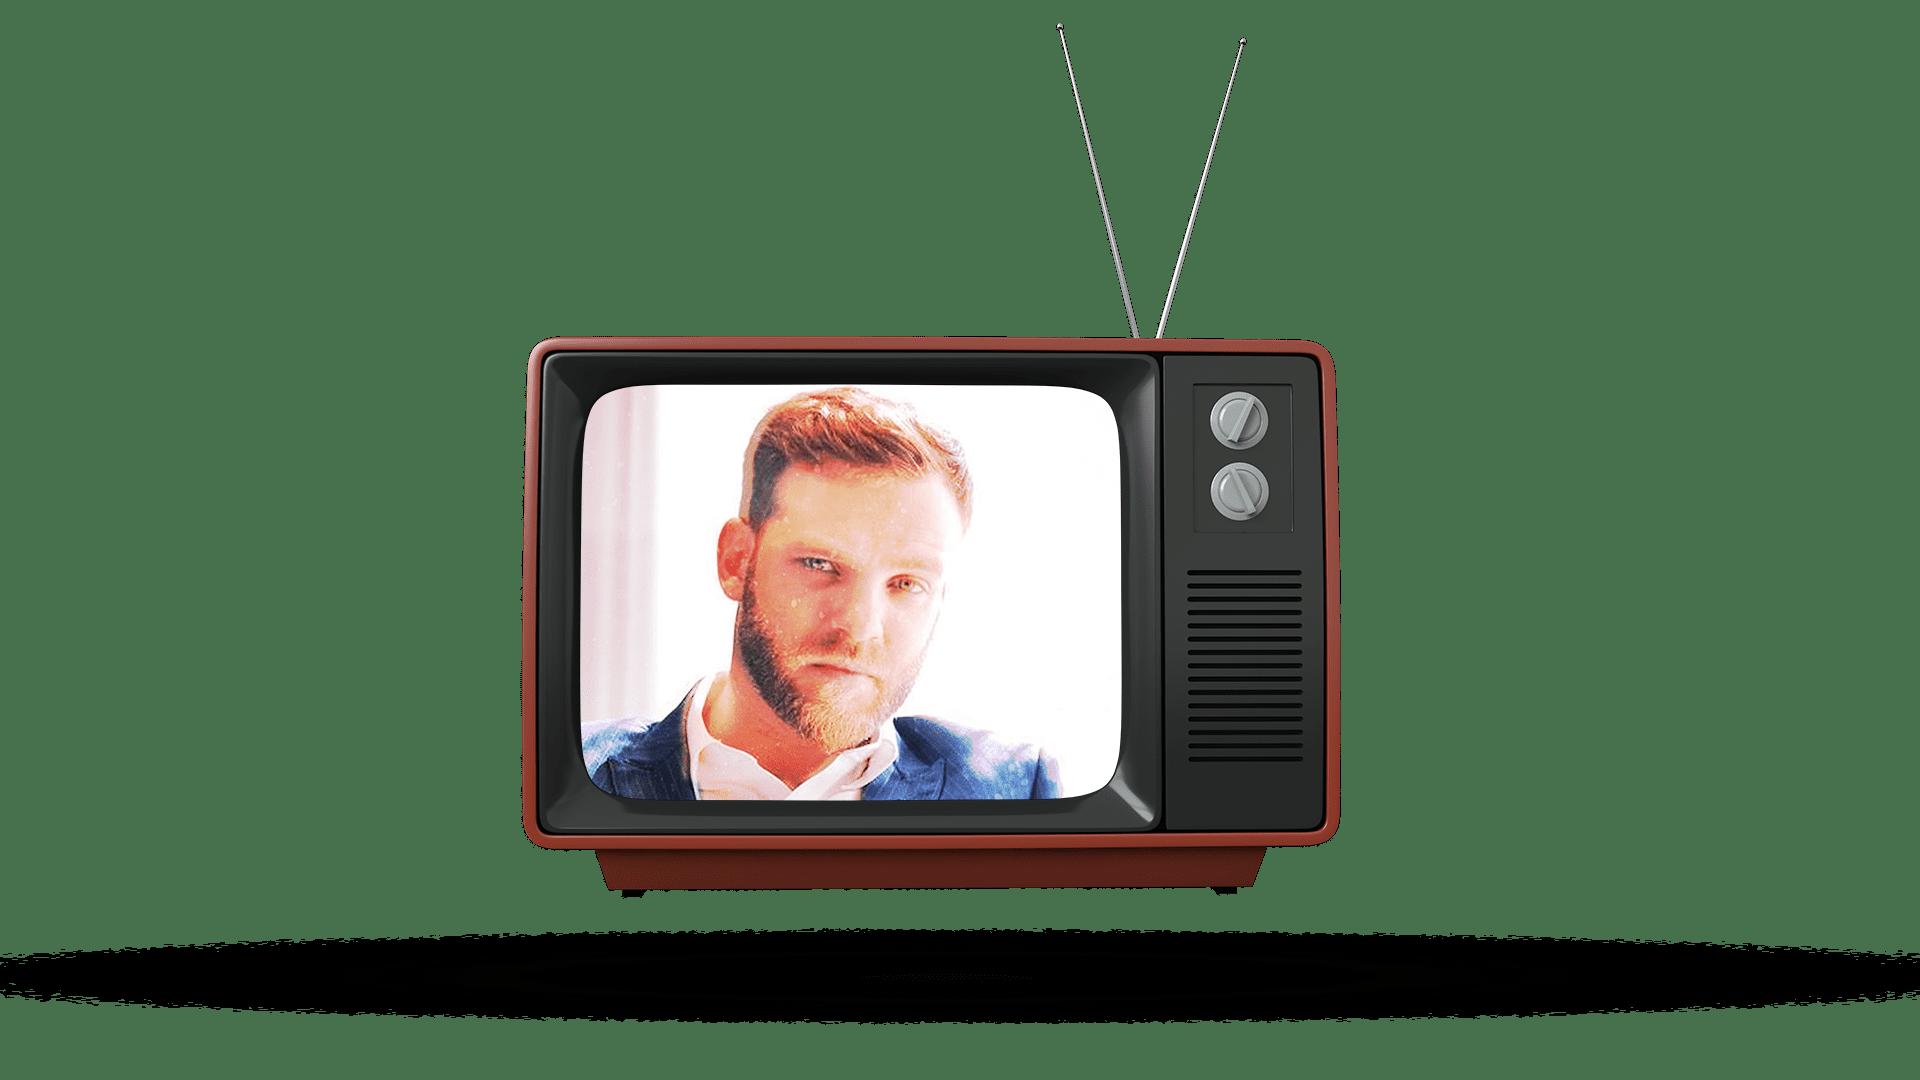 עיצוב טלוויזיה בן ליבה